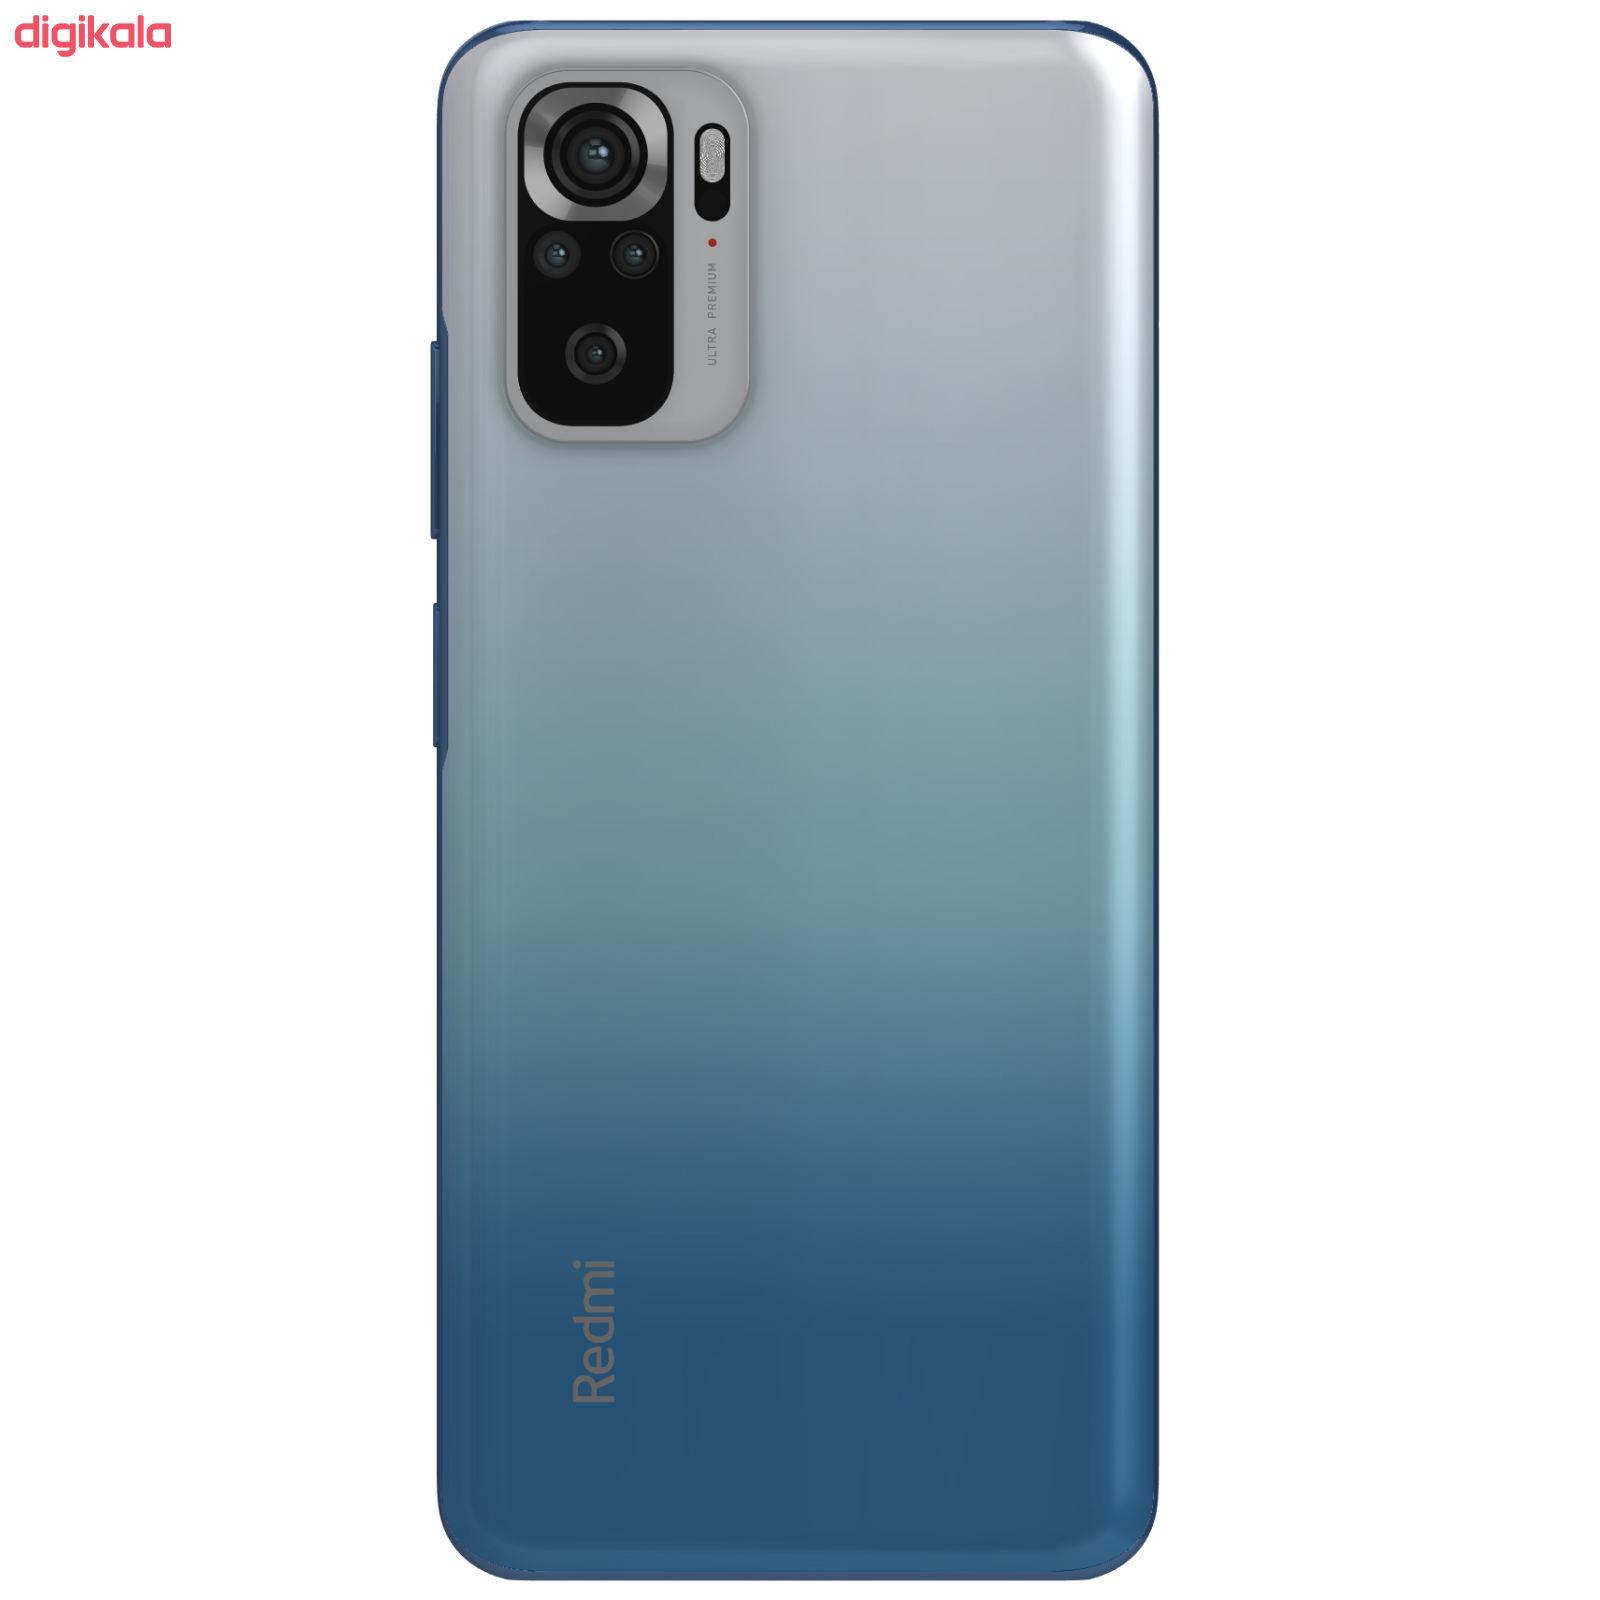 گوشی موبایل شیائومی مدل Redmi Note 10S M2101K7BNY دو سیم کارت ظرفیت 128 گیگابایت و رم 6 گیگابایت